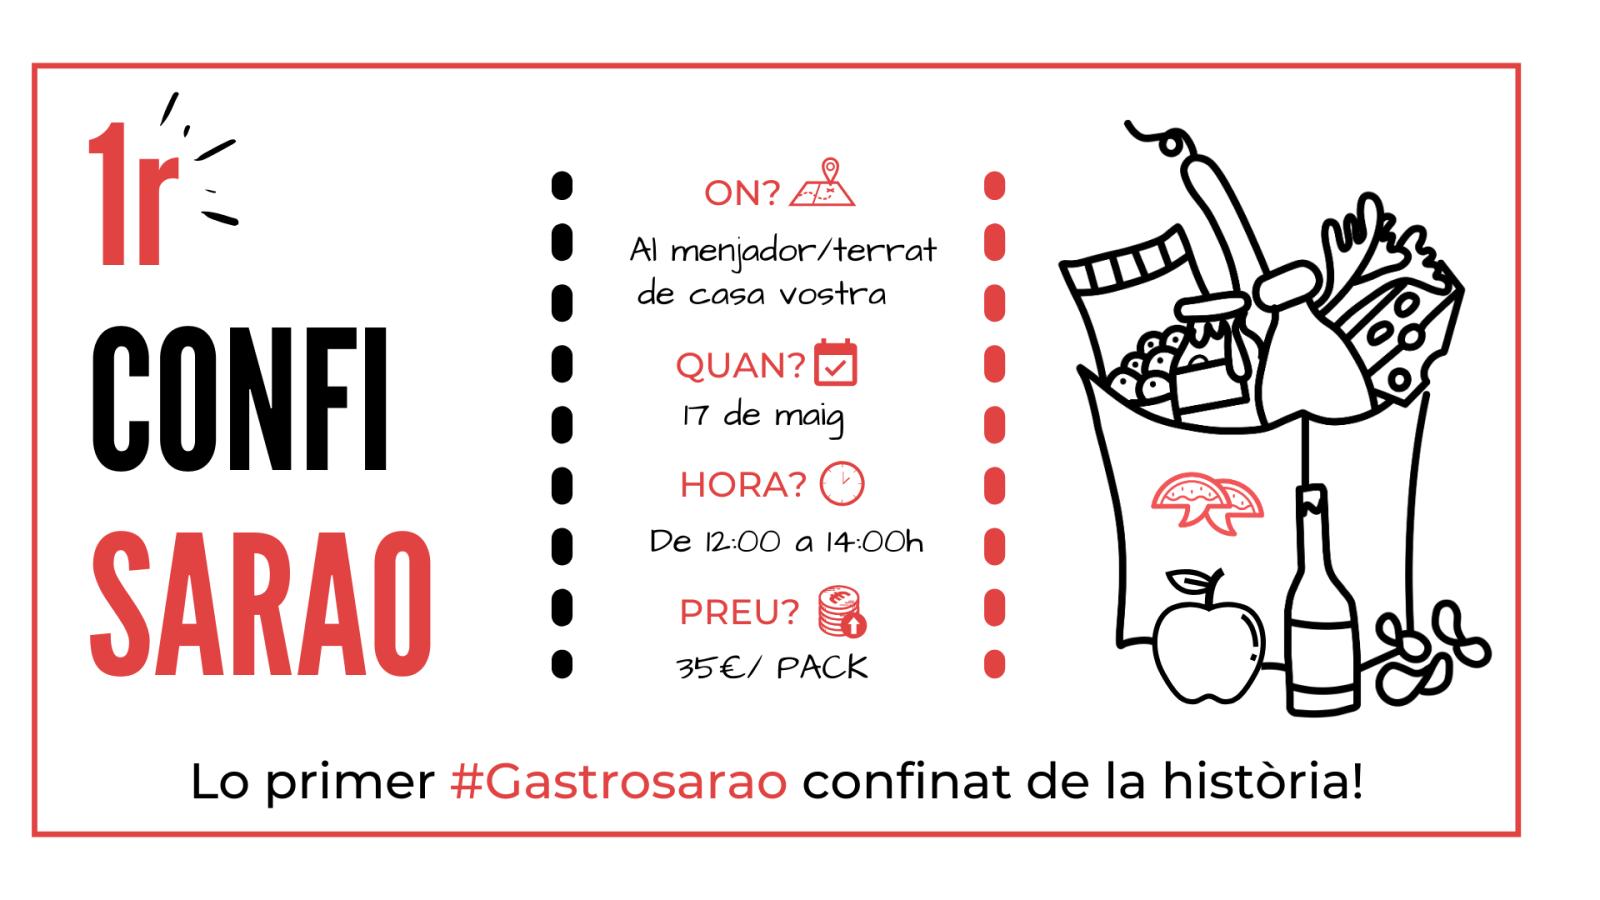 1r CONFISARAO | LO PRIMER GASTROSARAO CONFINAT DE LA HISTÒRIA